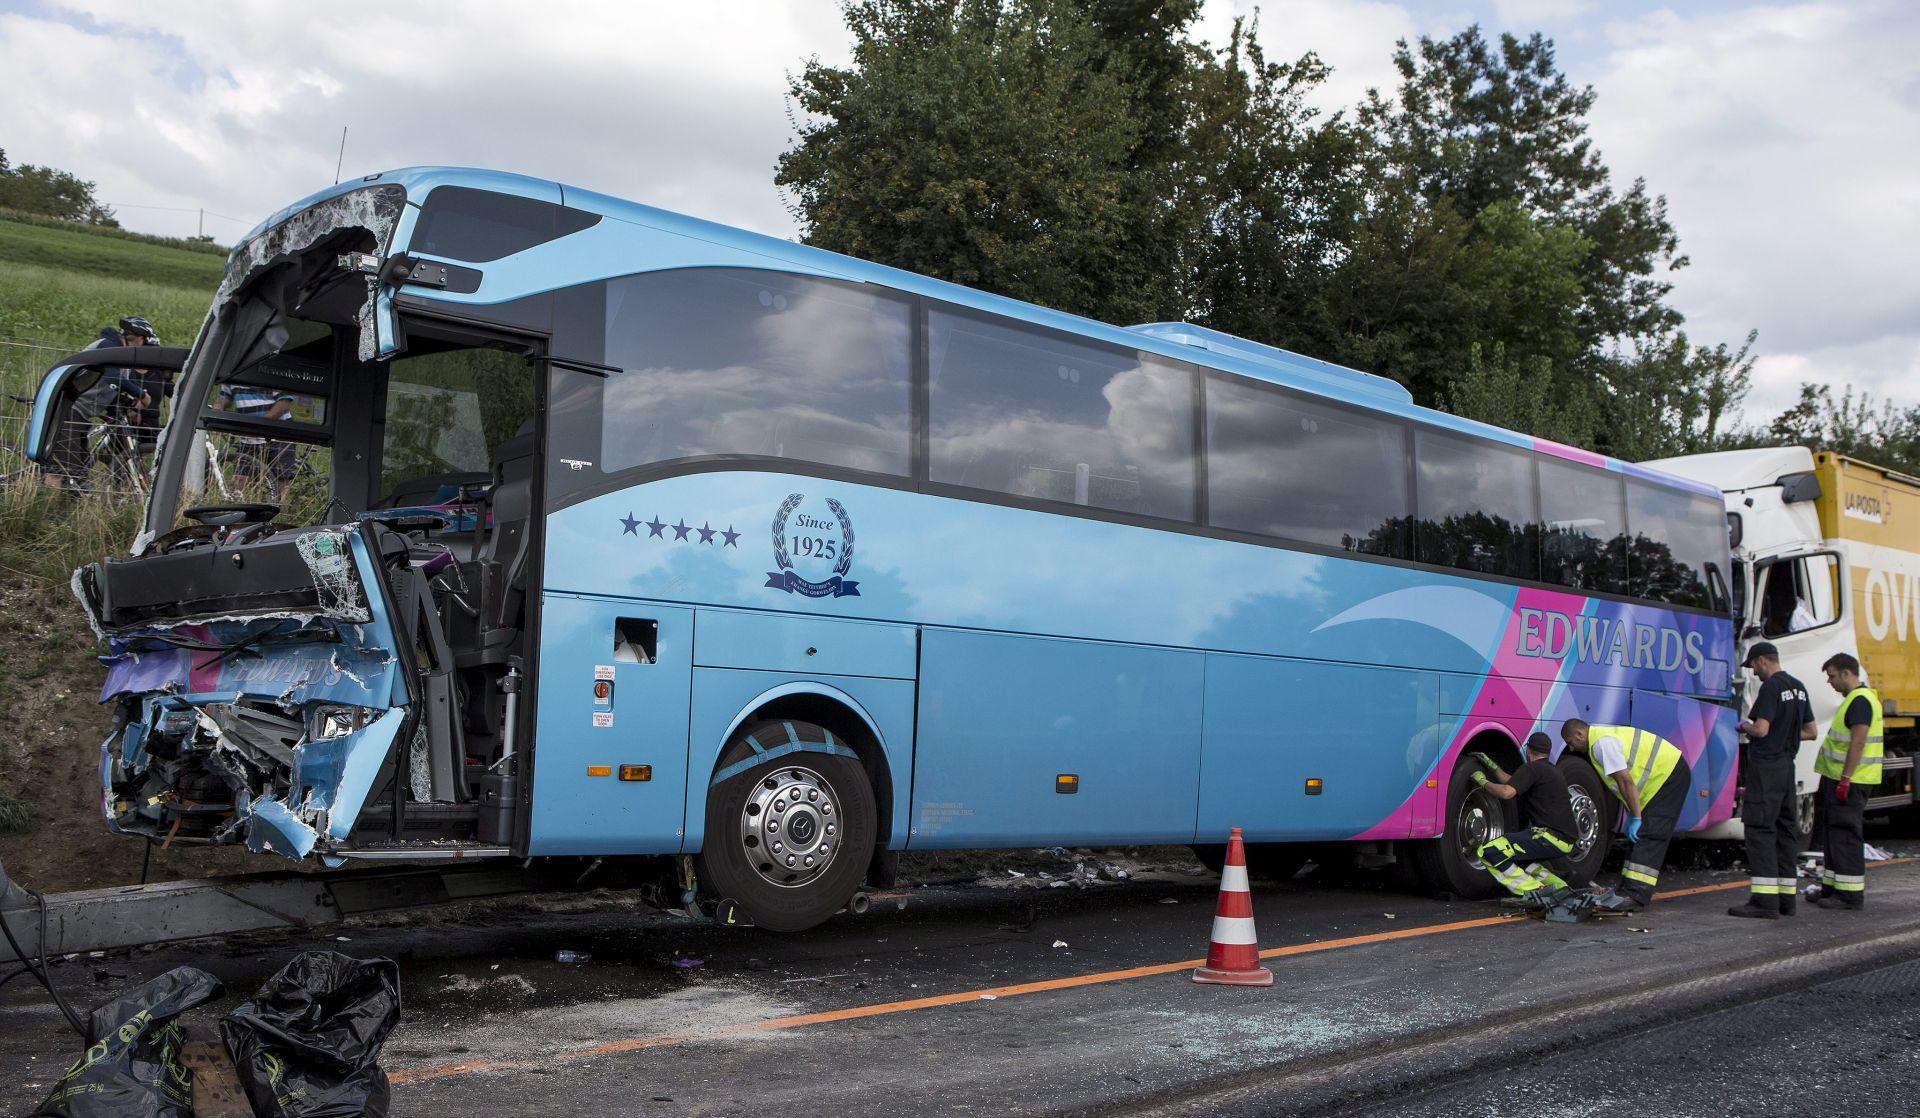 VELIKA PROMETNA U ŠVICARSKOJ U sudaru autobusa i četiri kamiona ozlijeđena 41 osoba